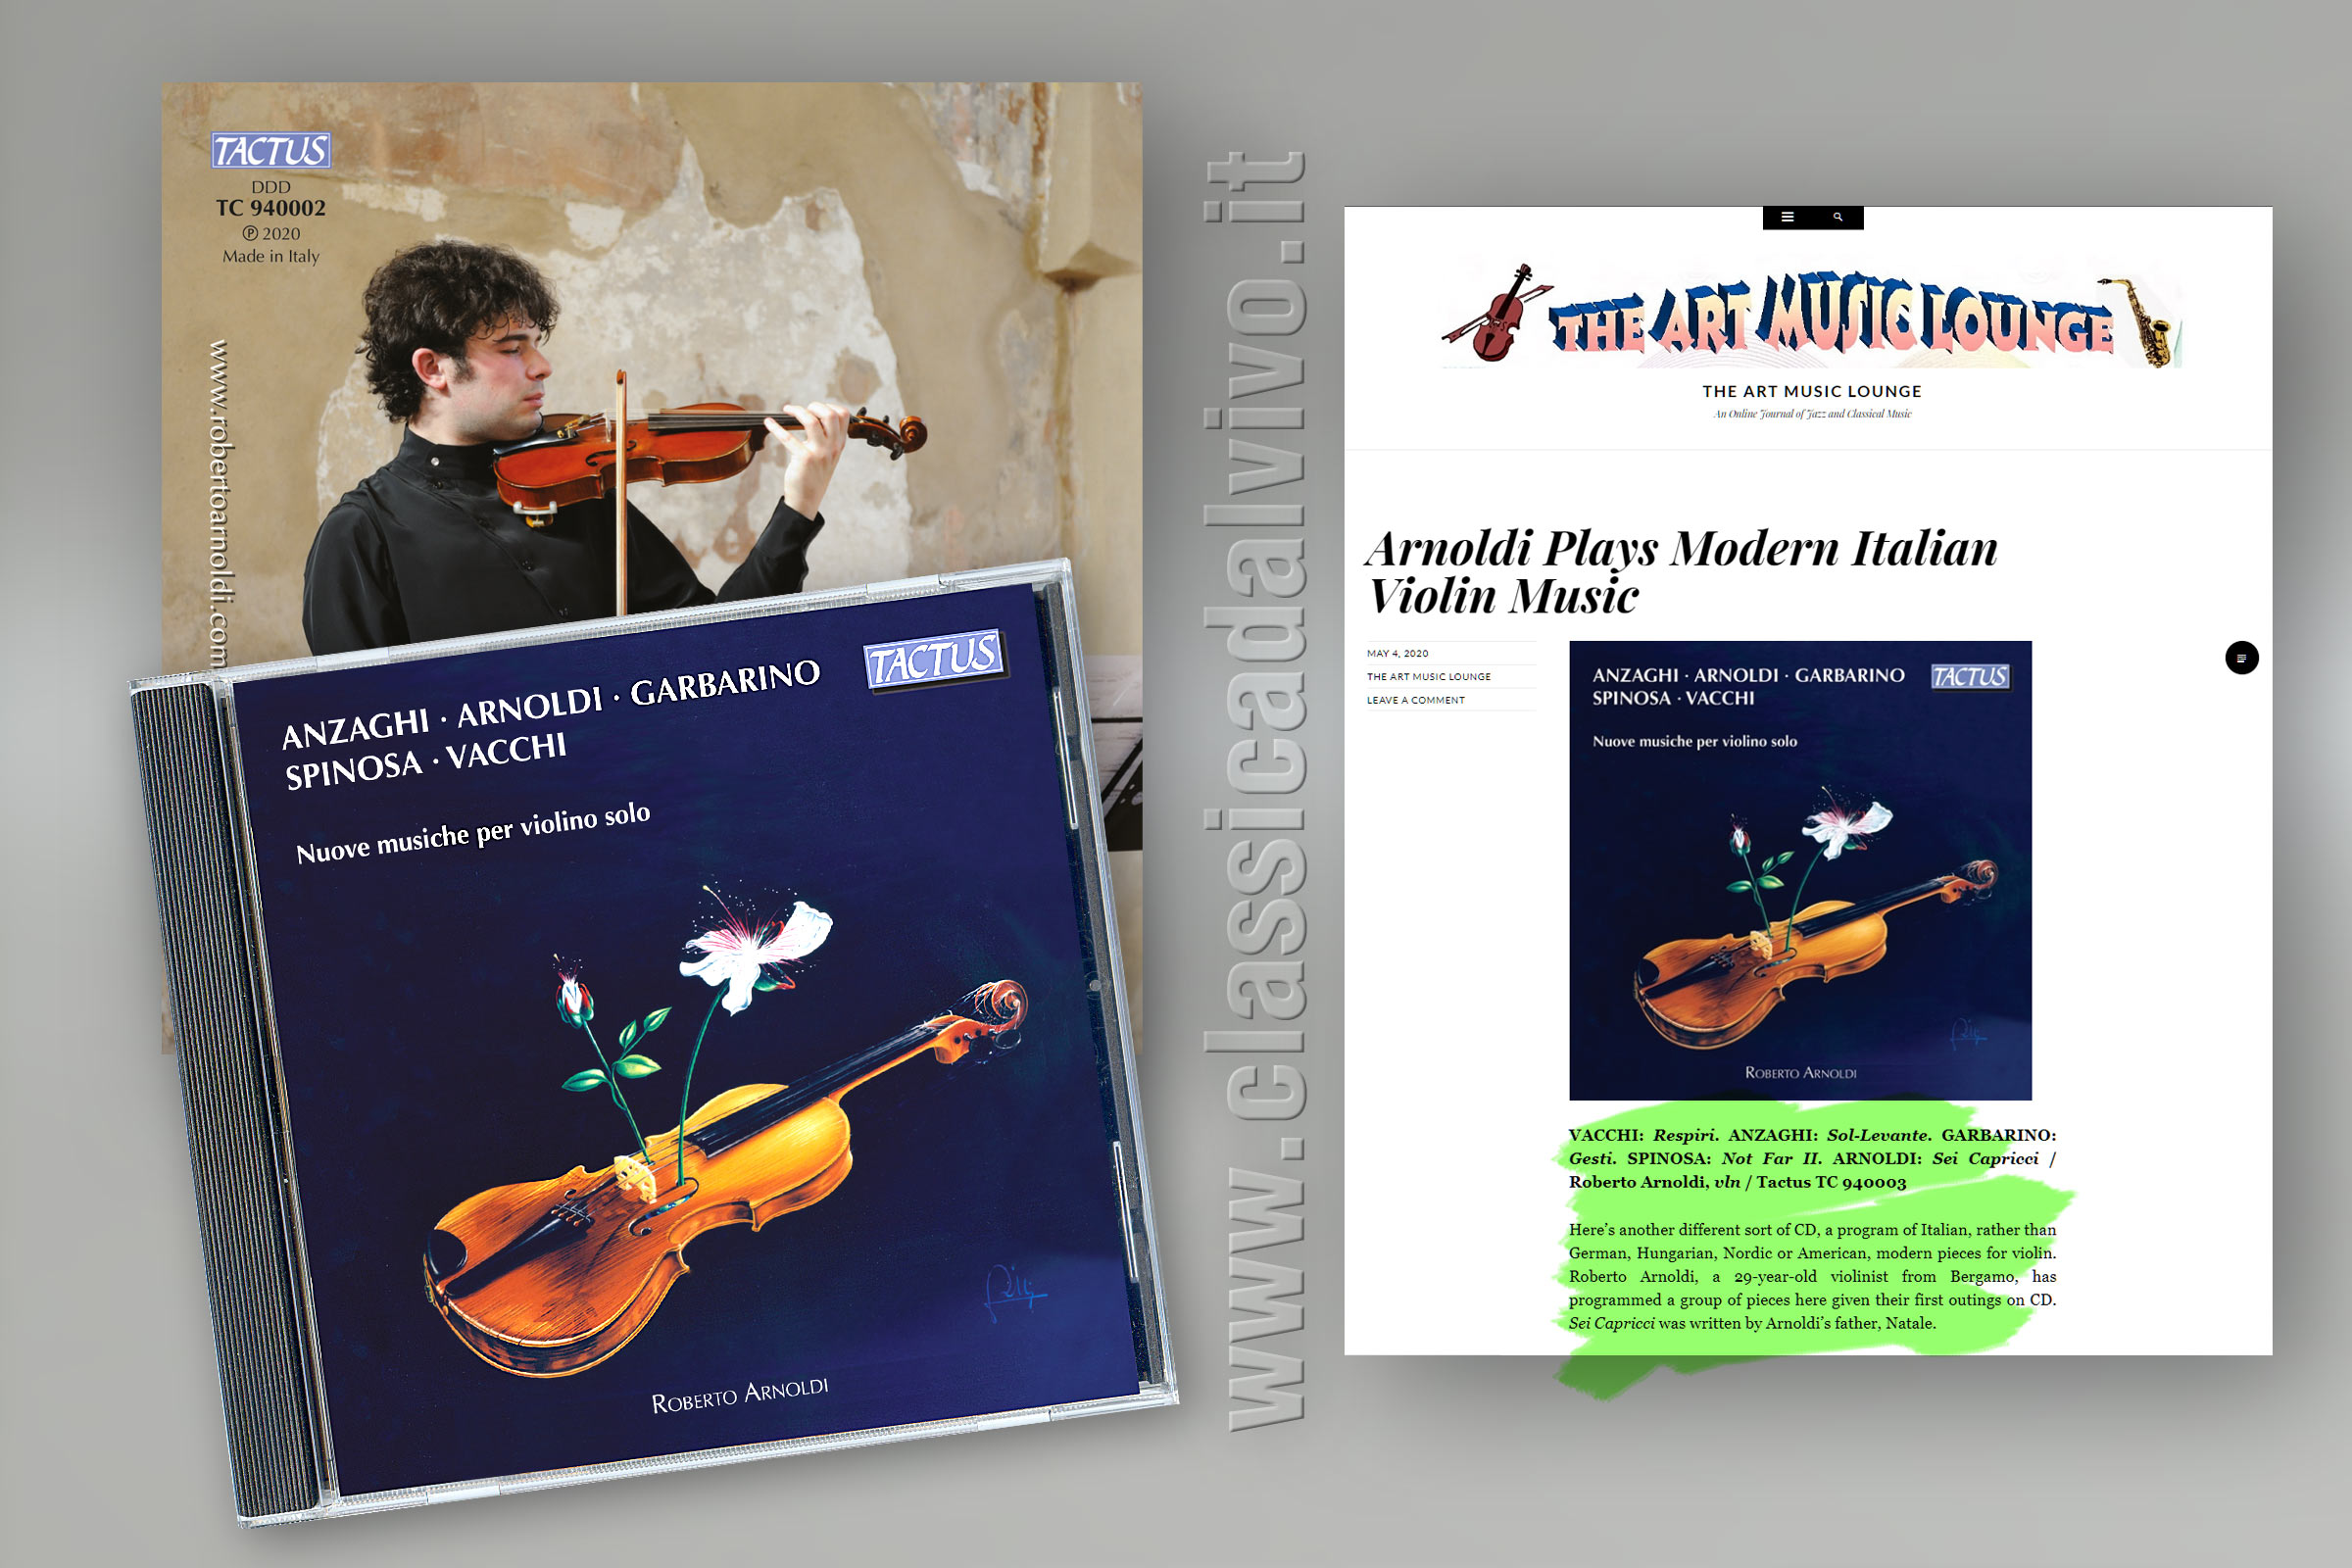 Roberto Arnoldi - Nuove musiche per violio solo - The Art Music Lounge